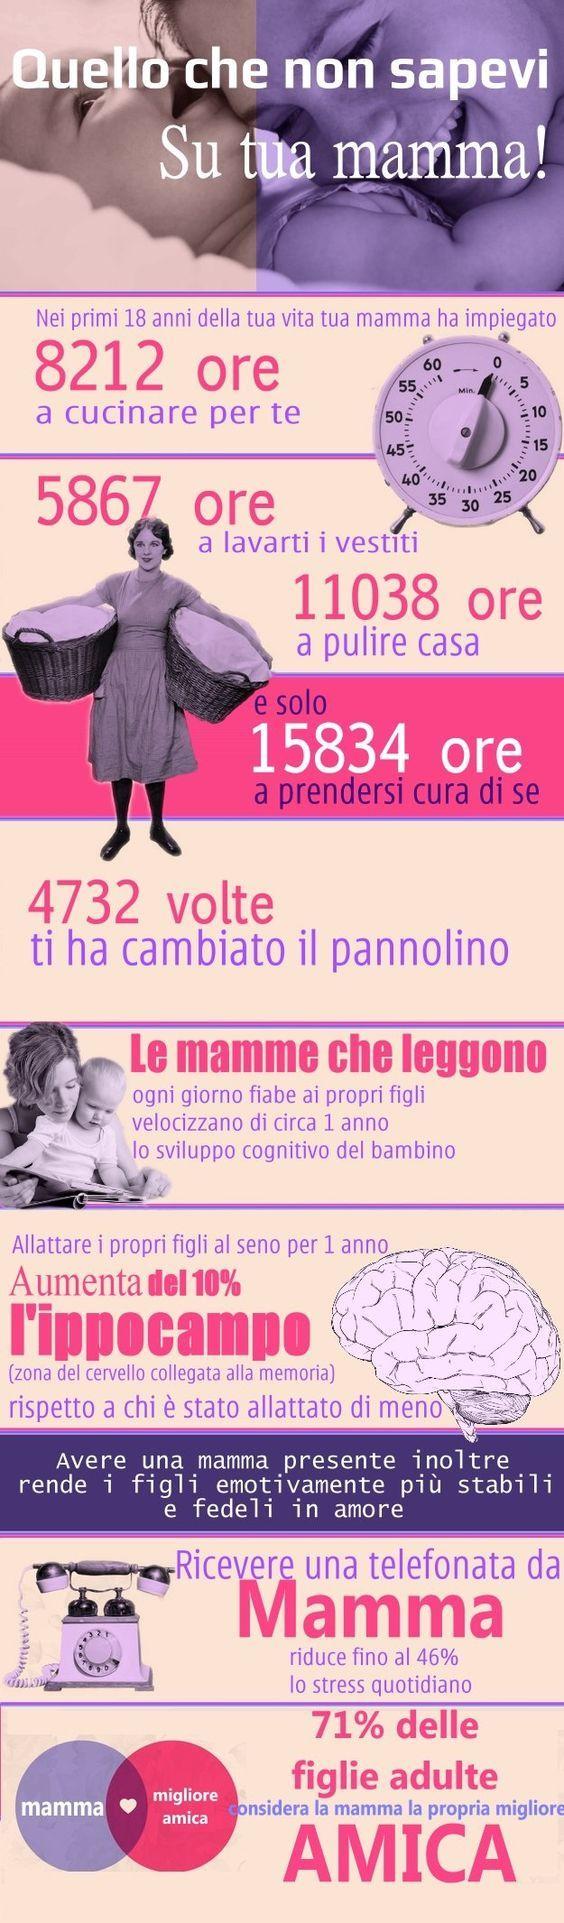 Quello che non si sa delle #mamme!!! Pensiamo a quanto le #mamme sono eroine della #famiglia! #figli #VitaDaMamma #esseregenitore #genitori